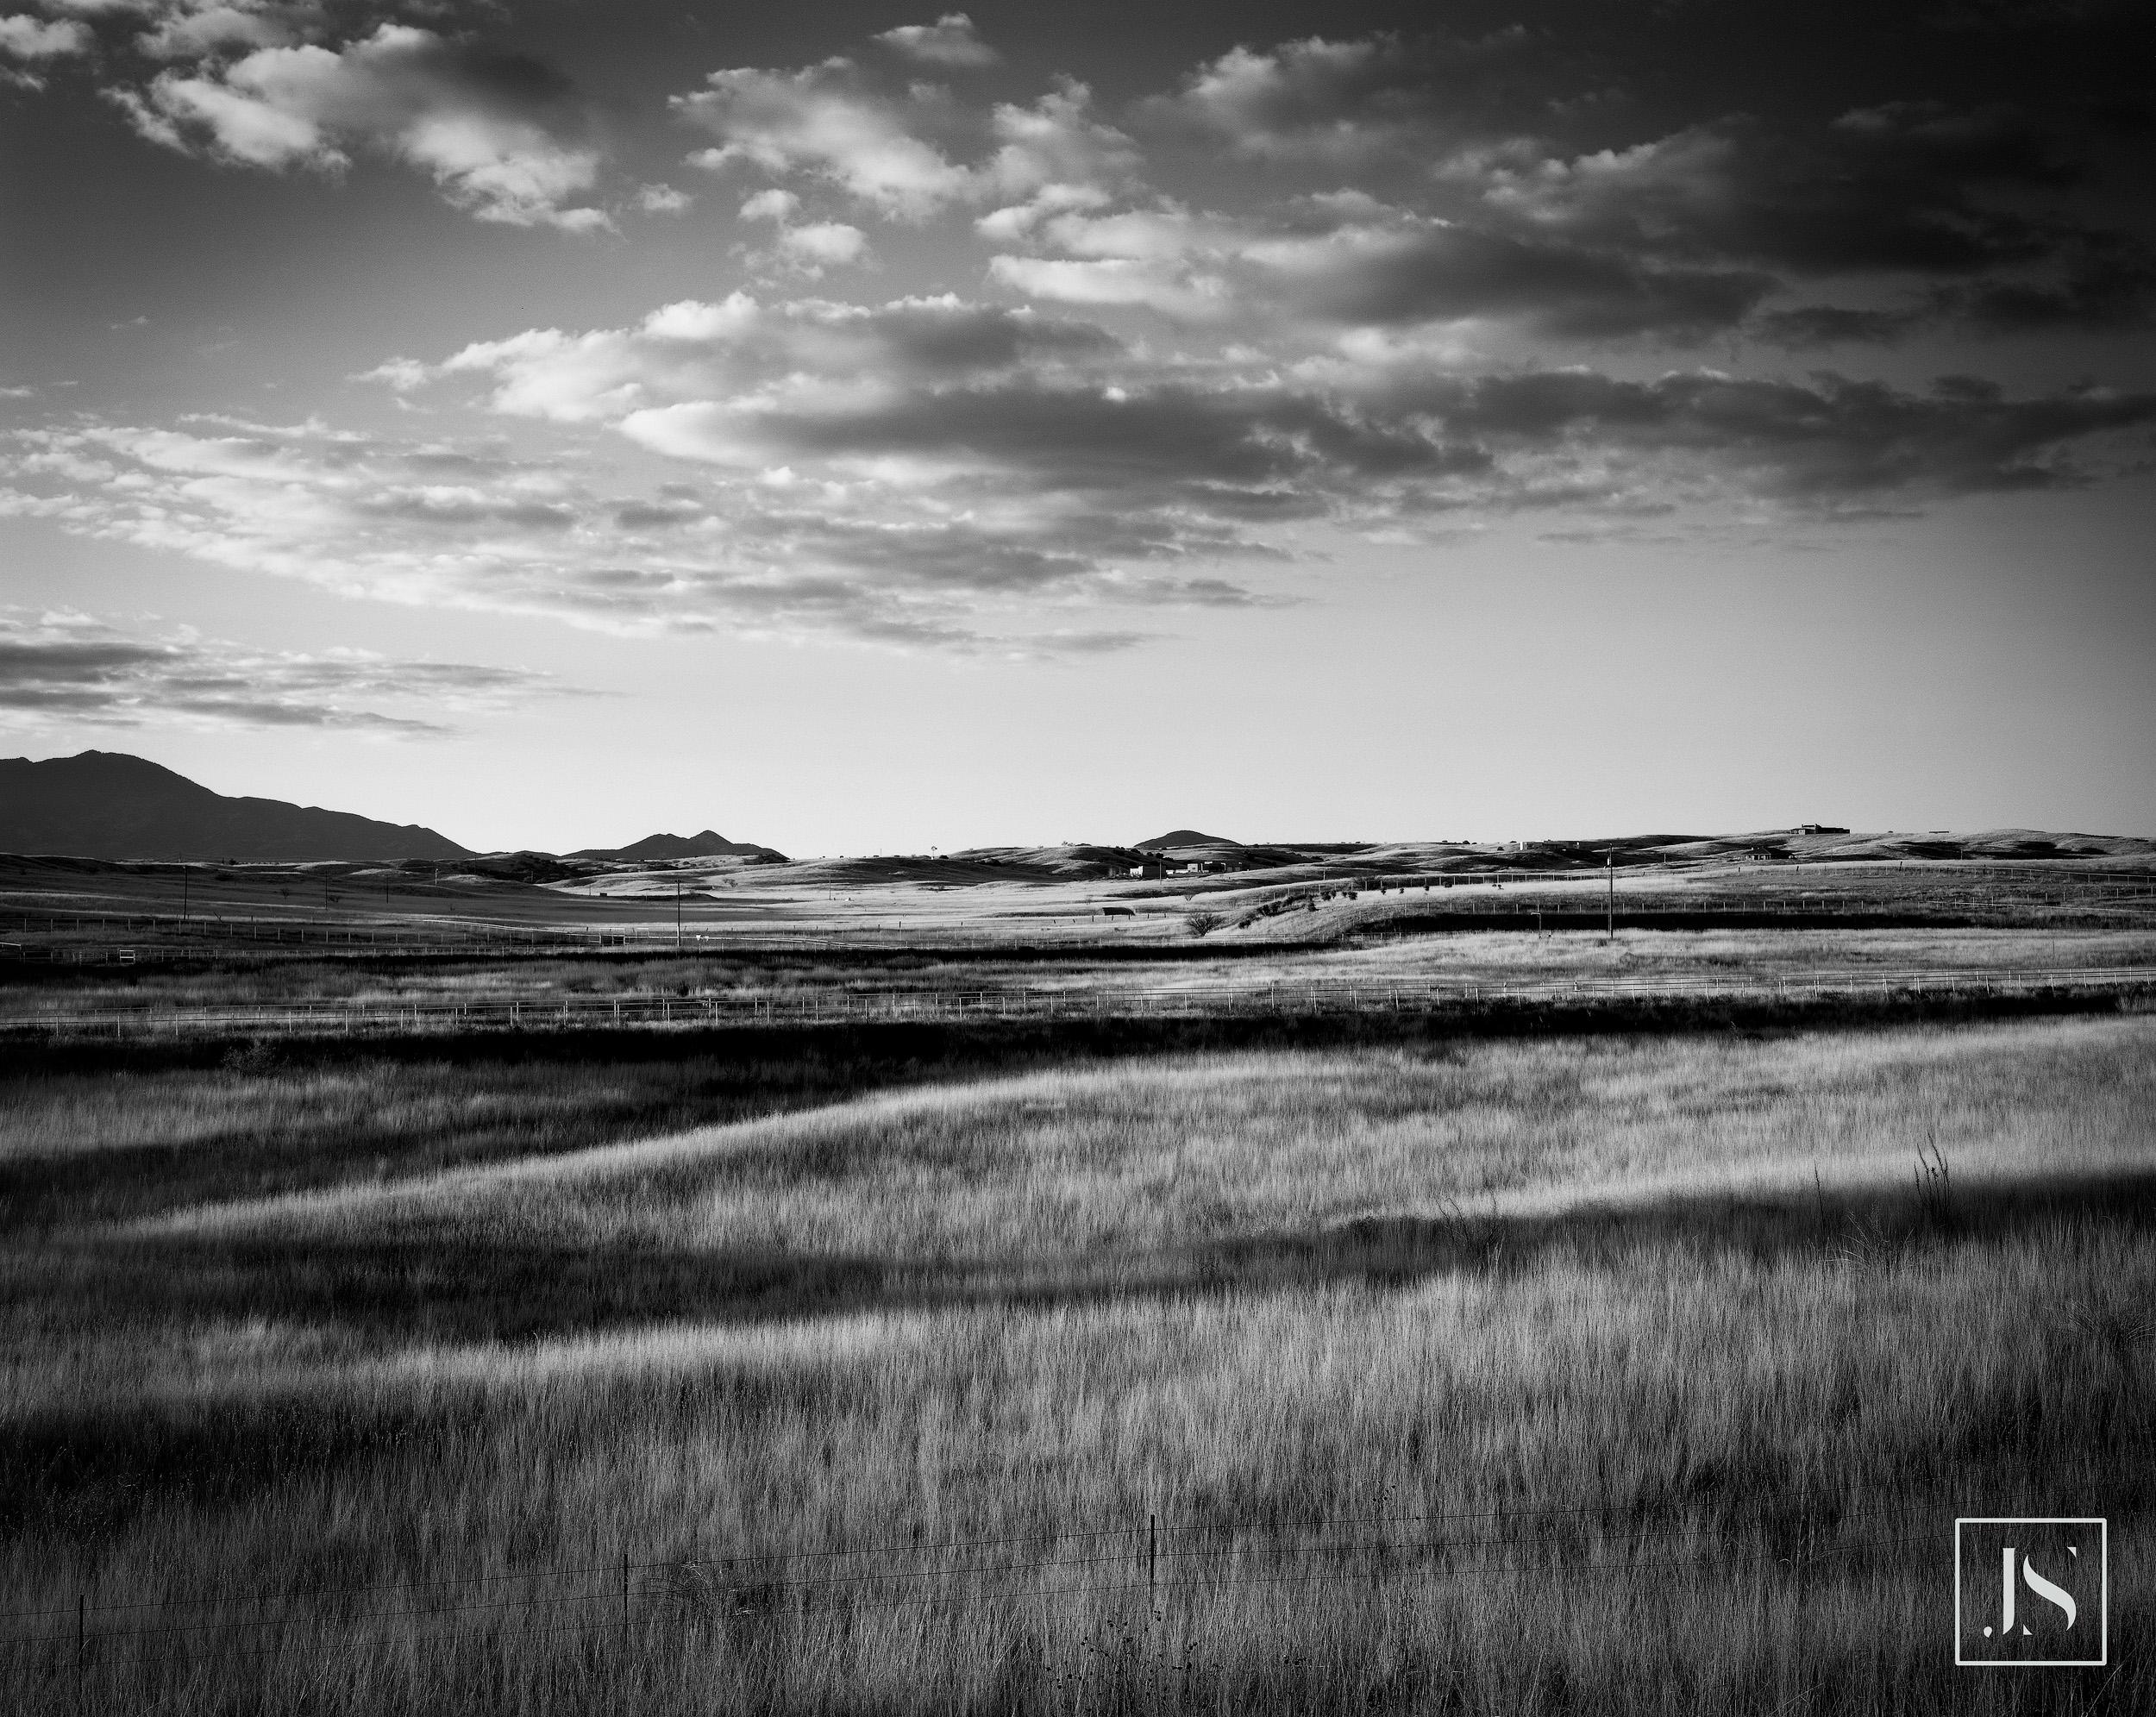 Field, Sonoita AZ-2000